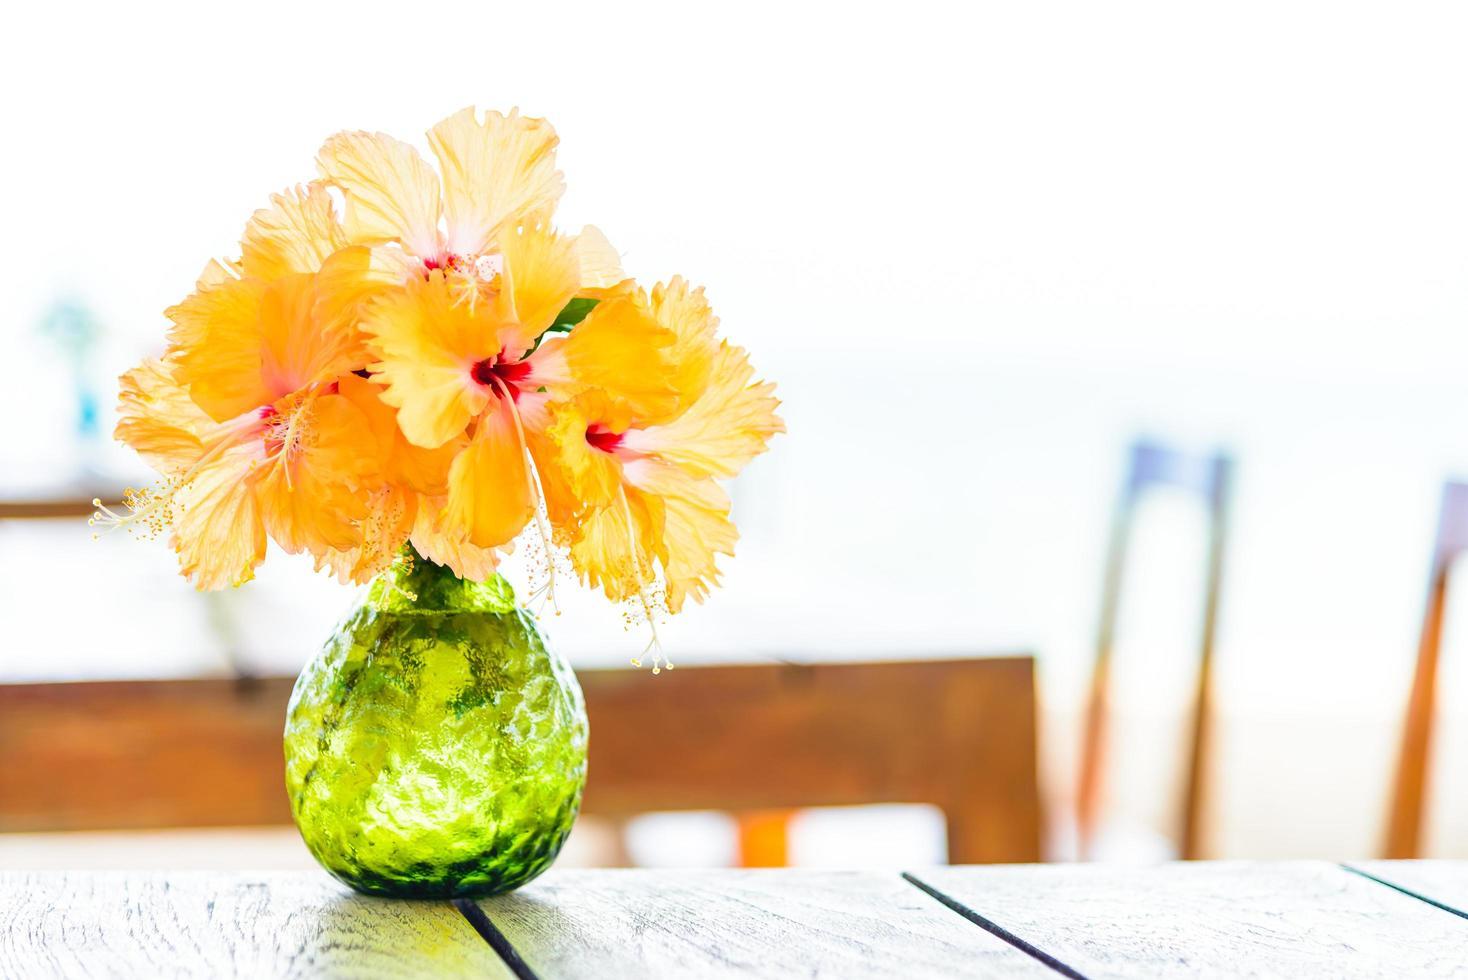 Vase auf Holztisch mit Meereshintergrund foto